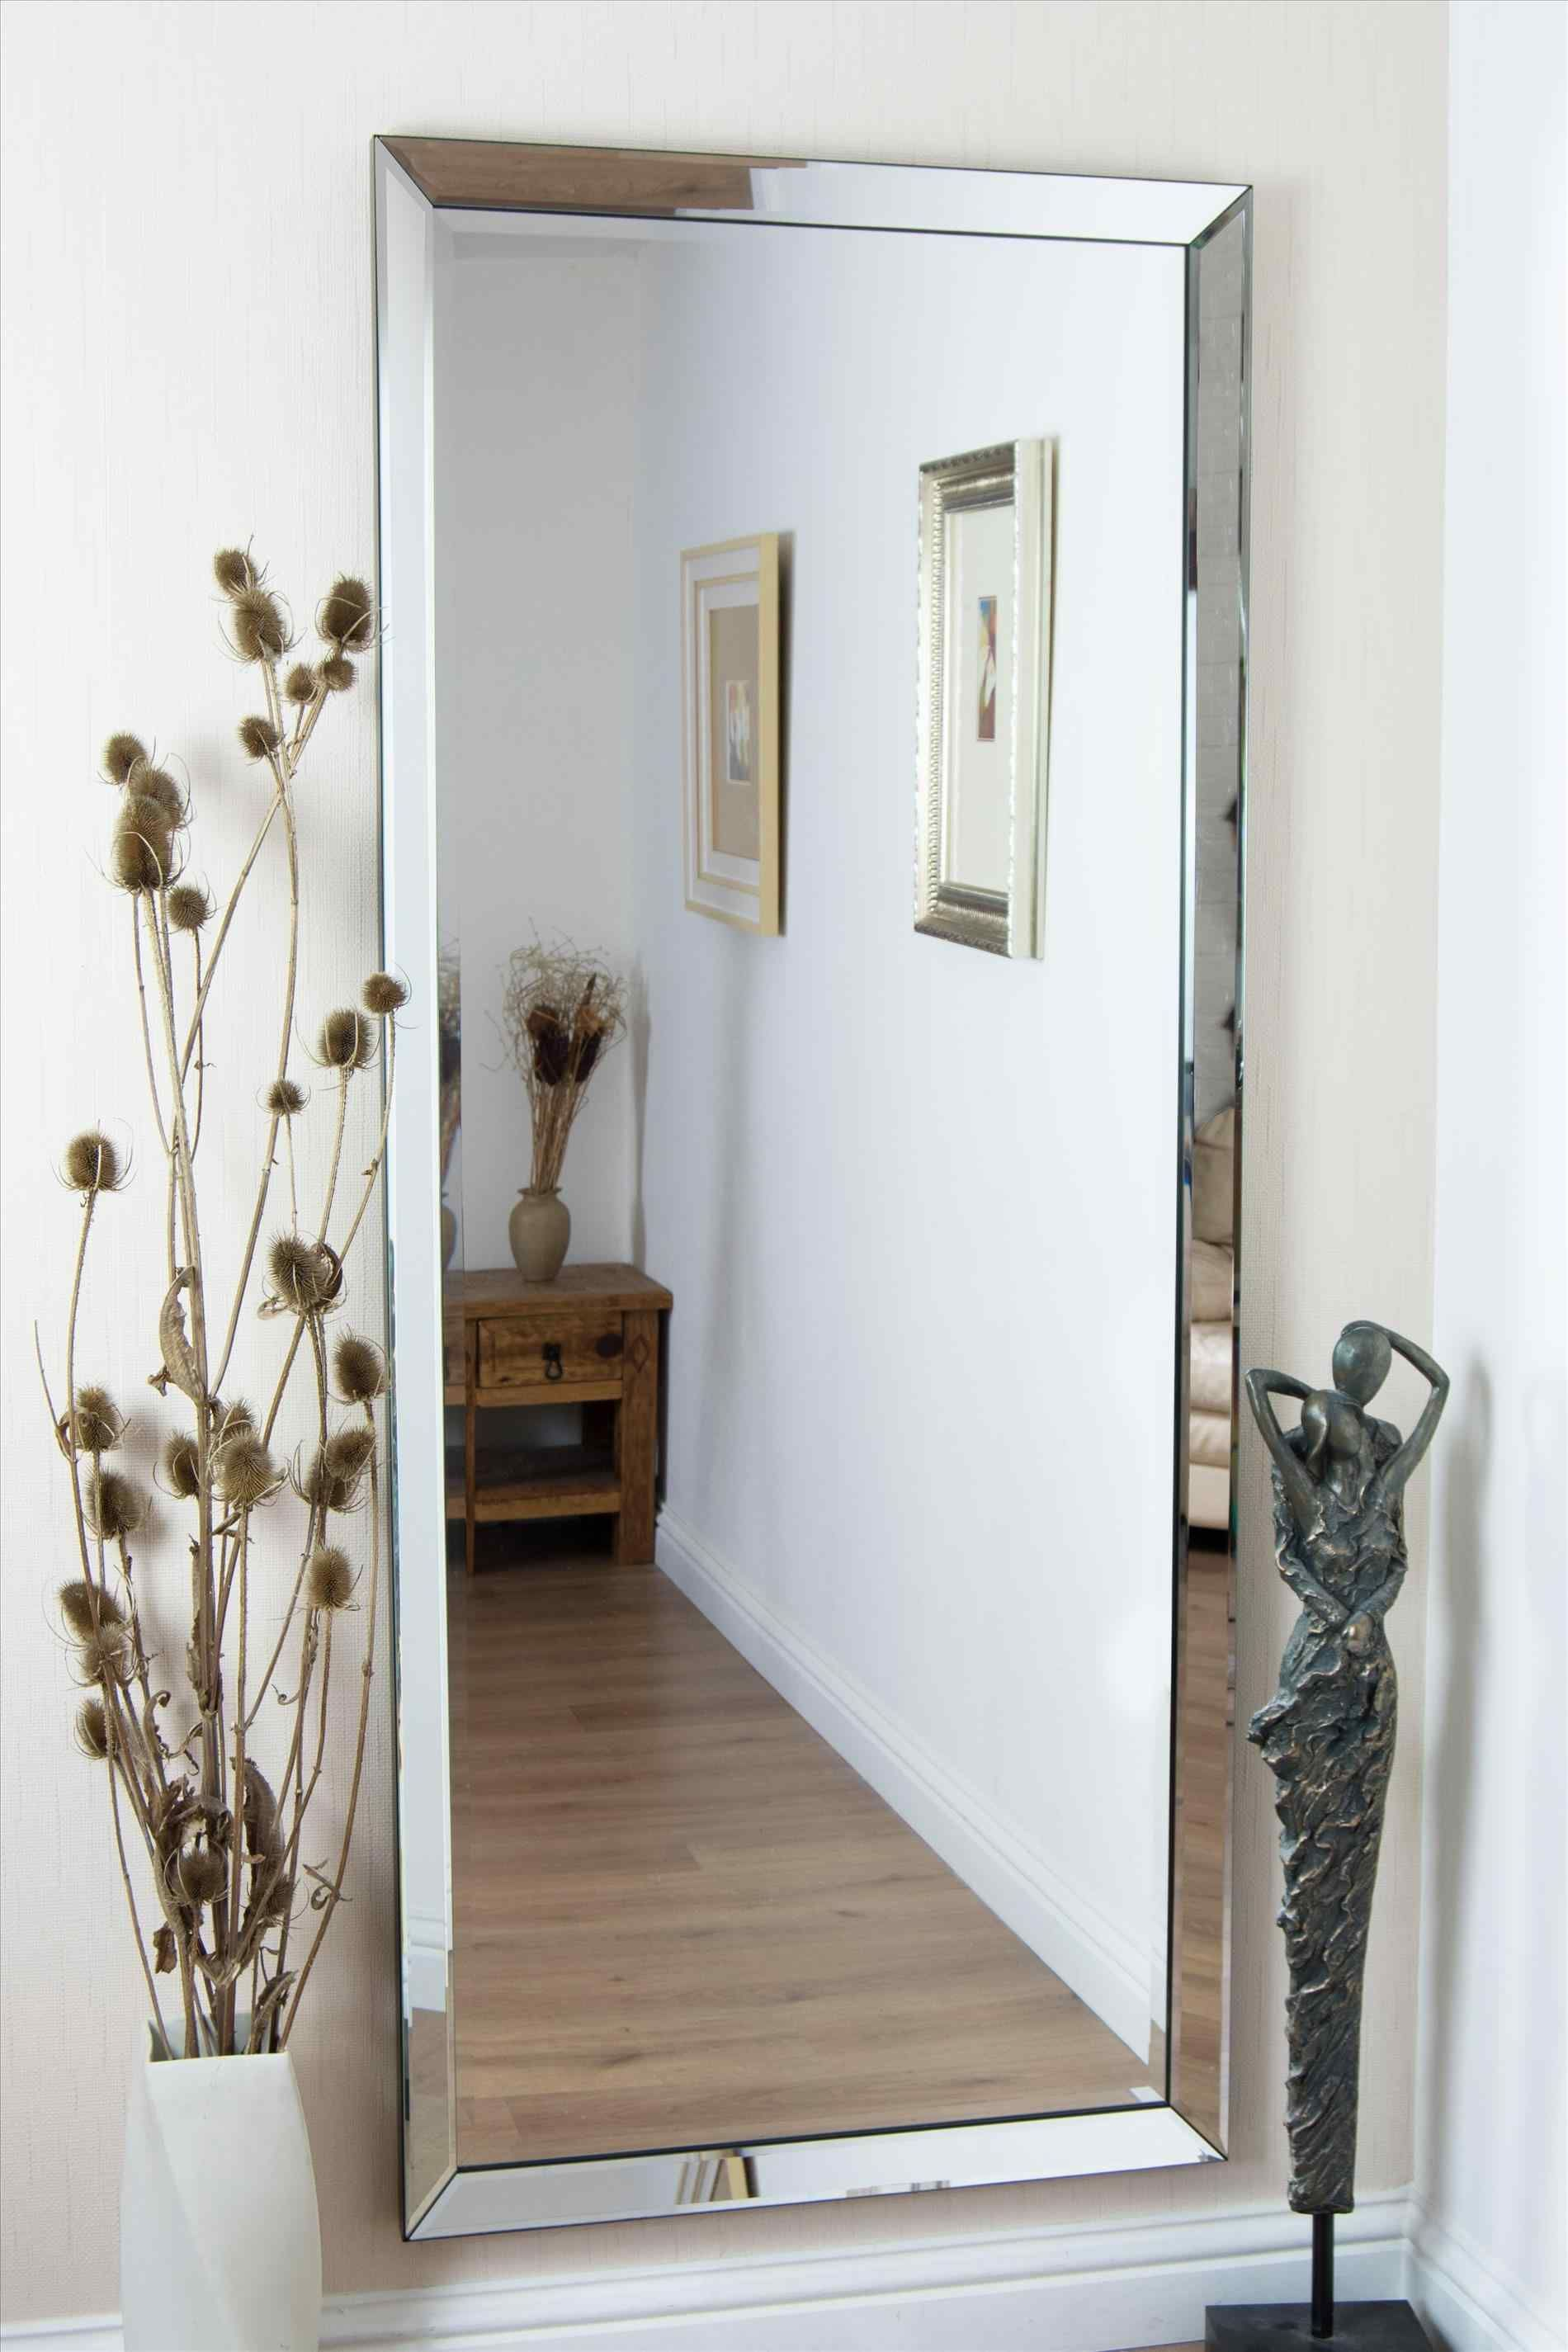 Incredible 14 Amazing Big Fancy Mirrors Design For Your Home Breakpr Espejos Para Habitacion Espejos De Pared Decoracion Entradas De Casa